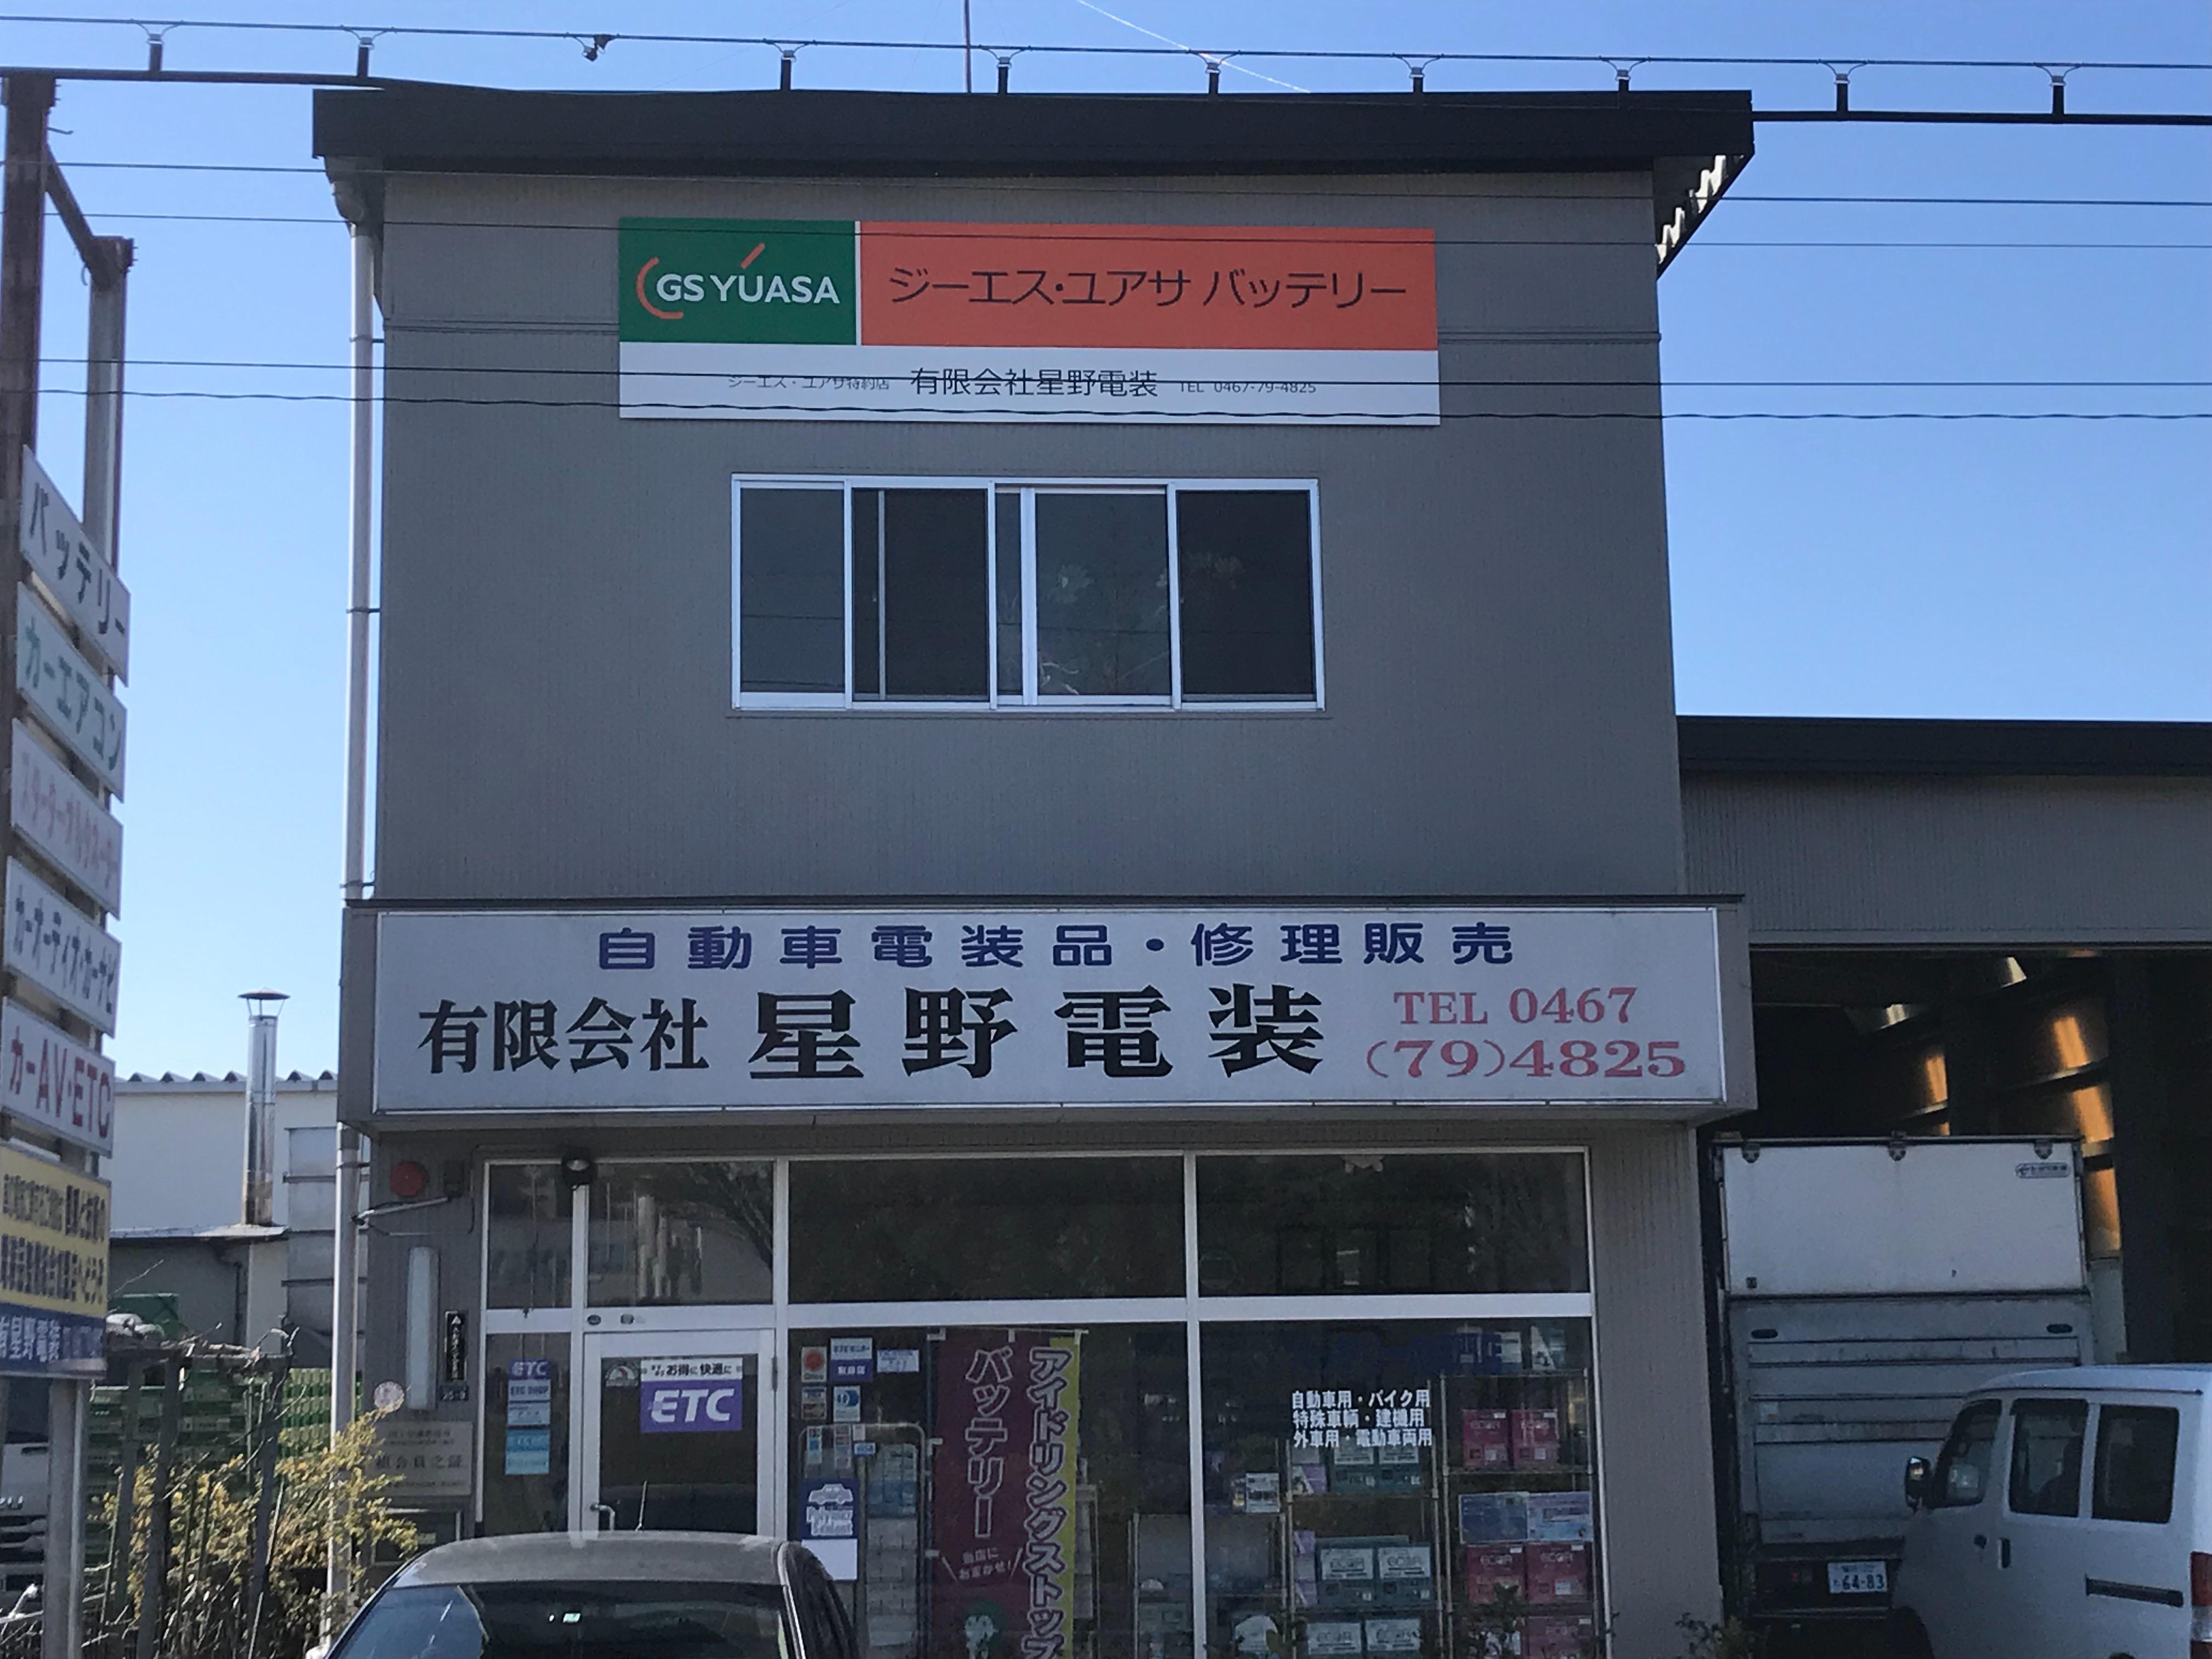 http://hoshinodenso.sakura.ne.jp/Dsc00367.jpg